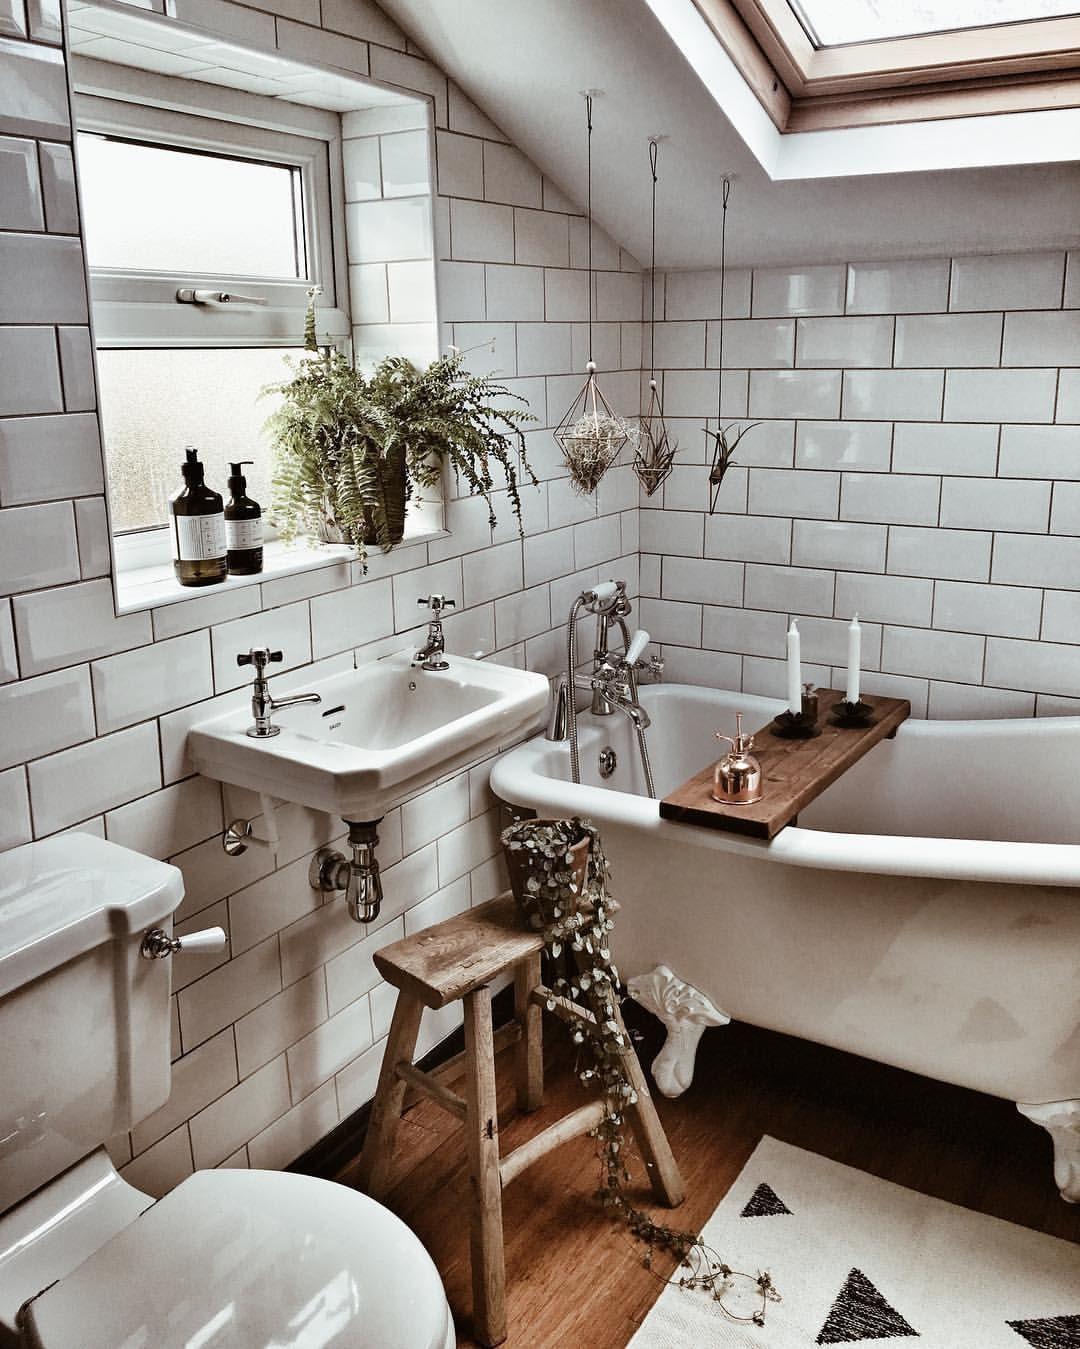 Biggestbedroomintheworld Cozy Bathroom Rustic Bathrooms Bathroom Interior